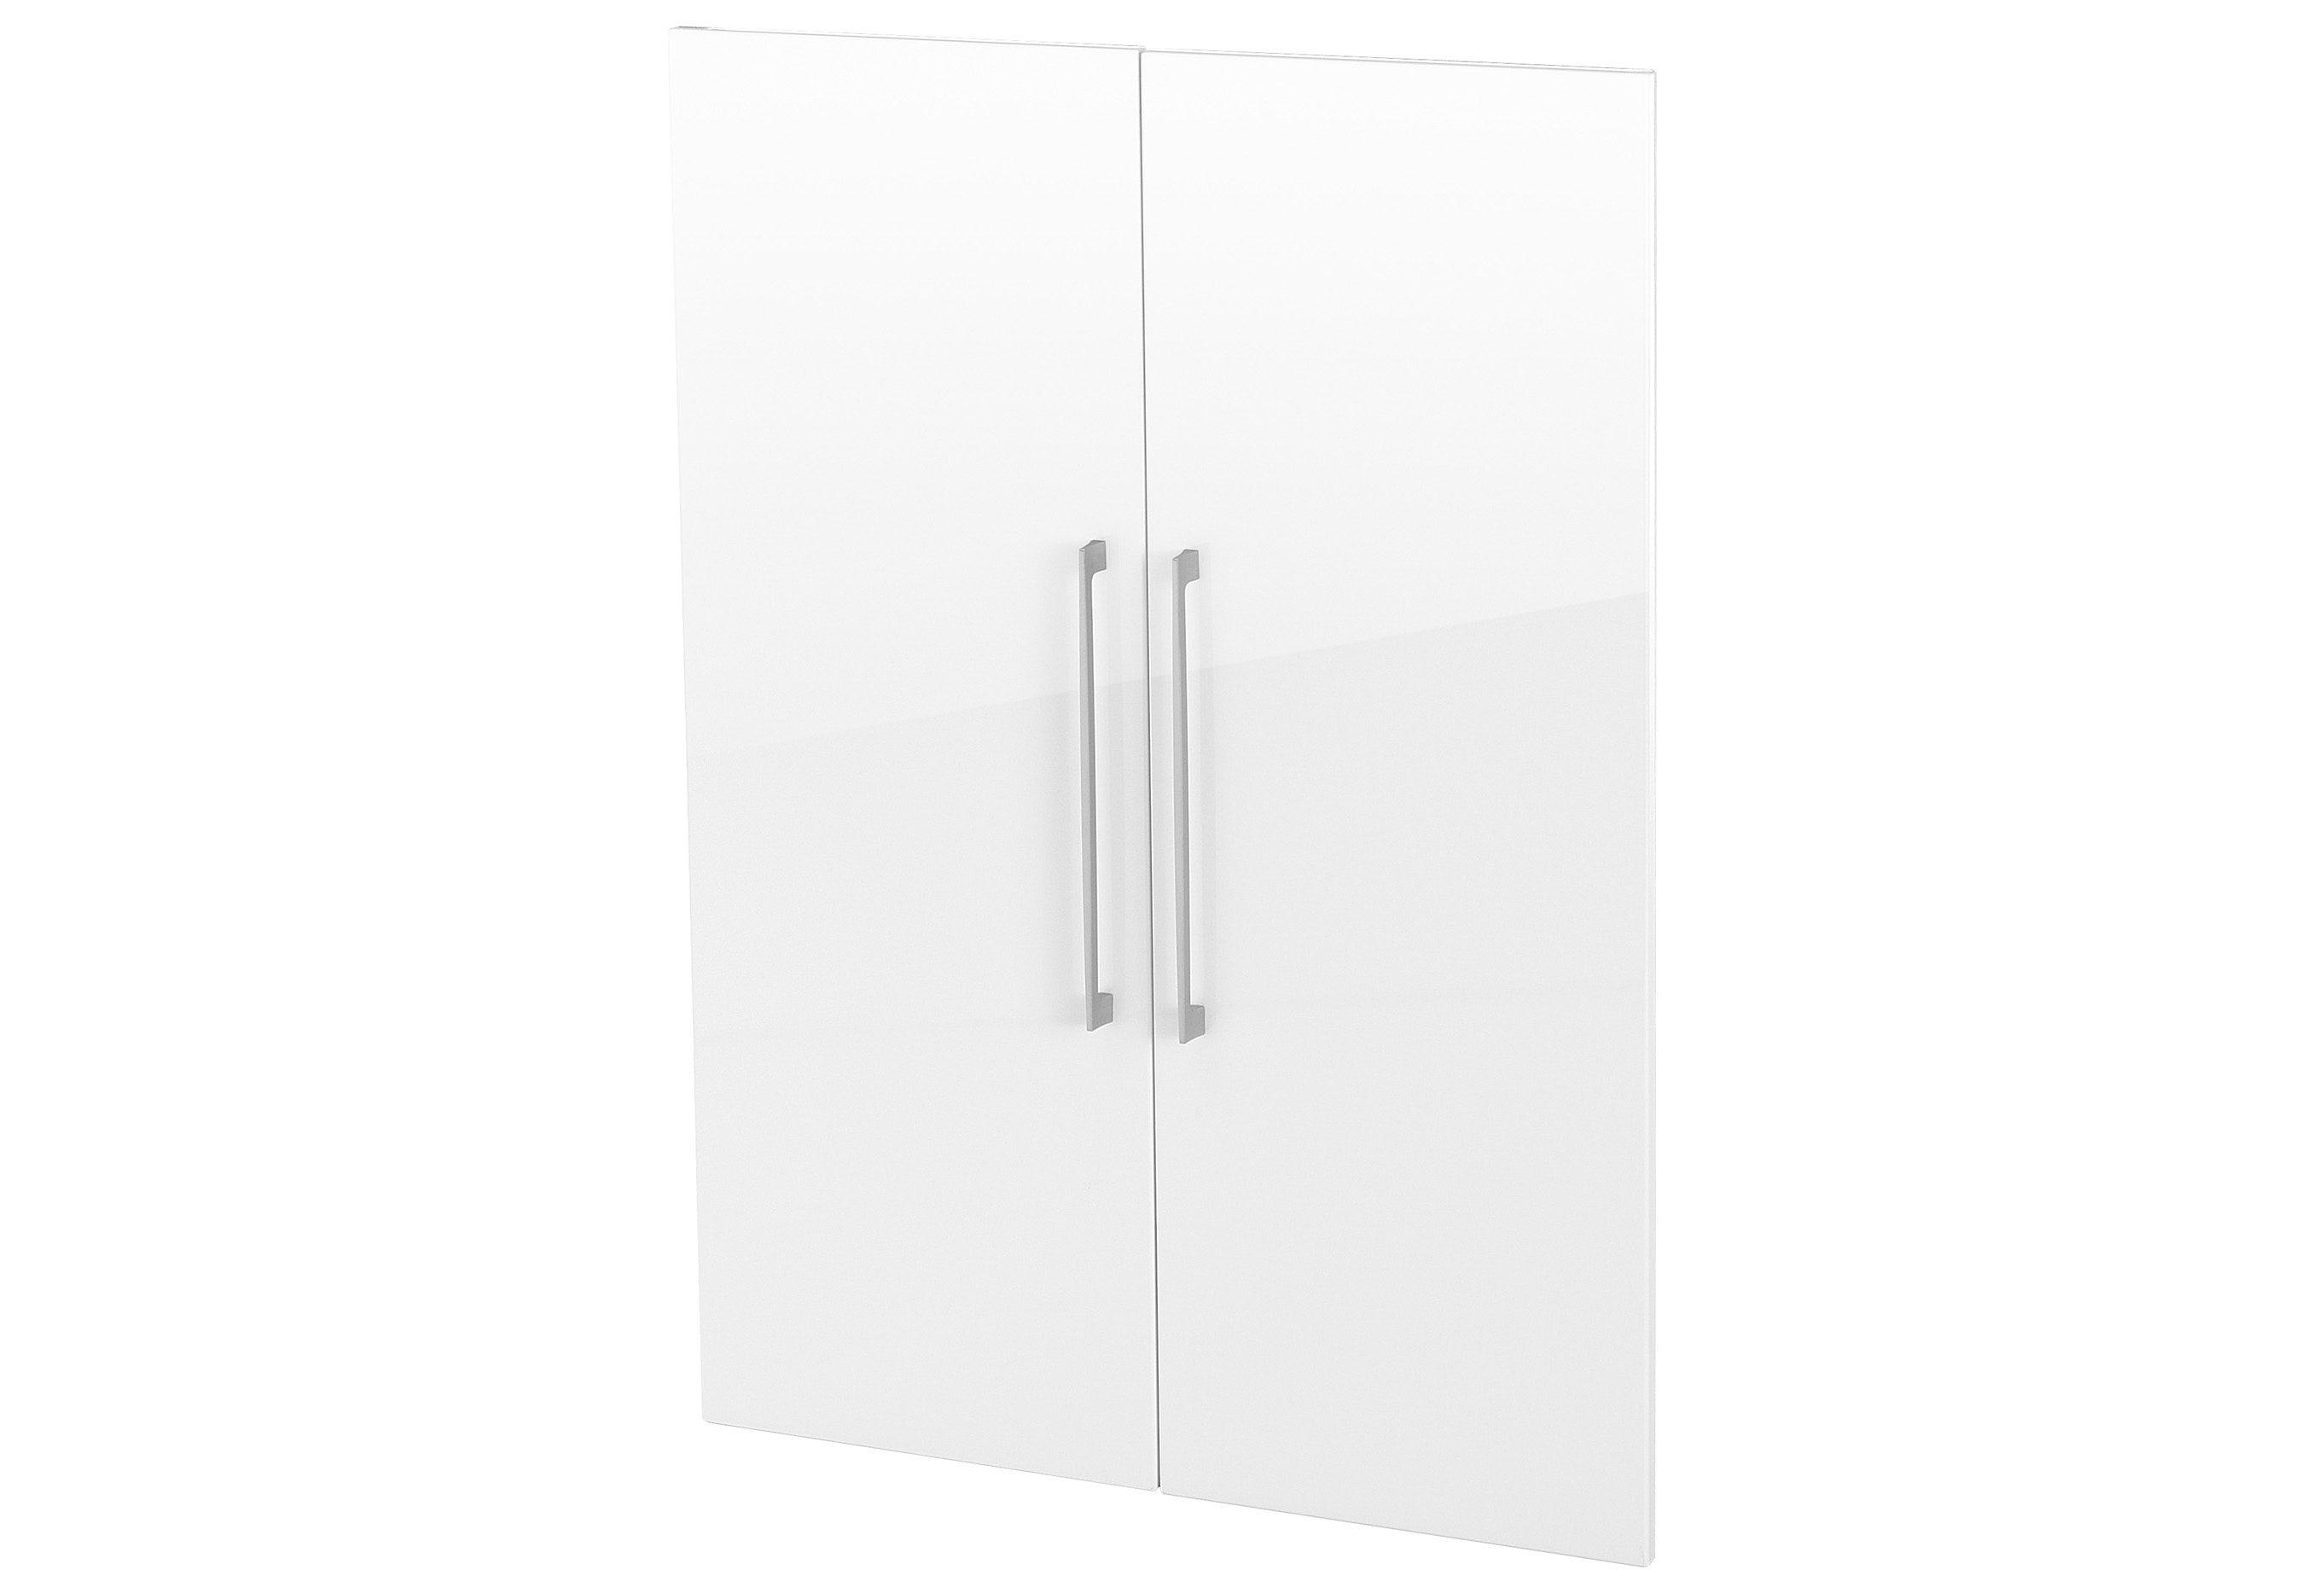 Türensatz »Borkum«, Höhe 106 cm